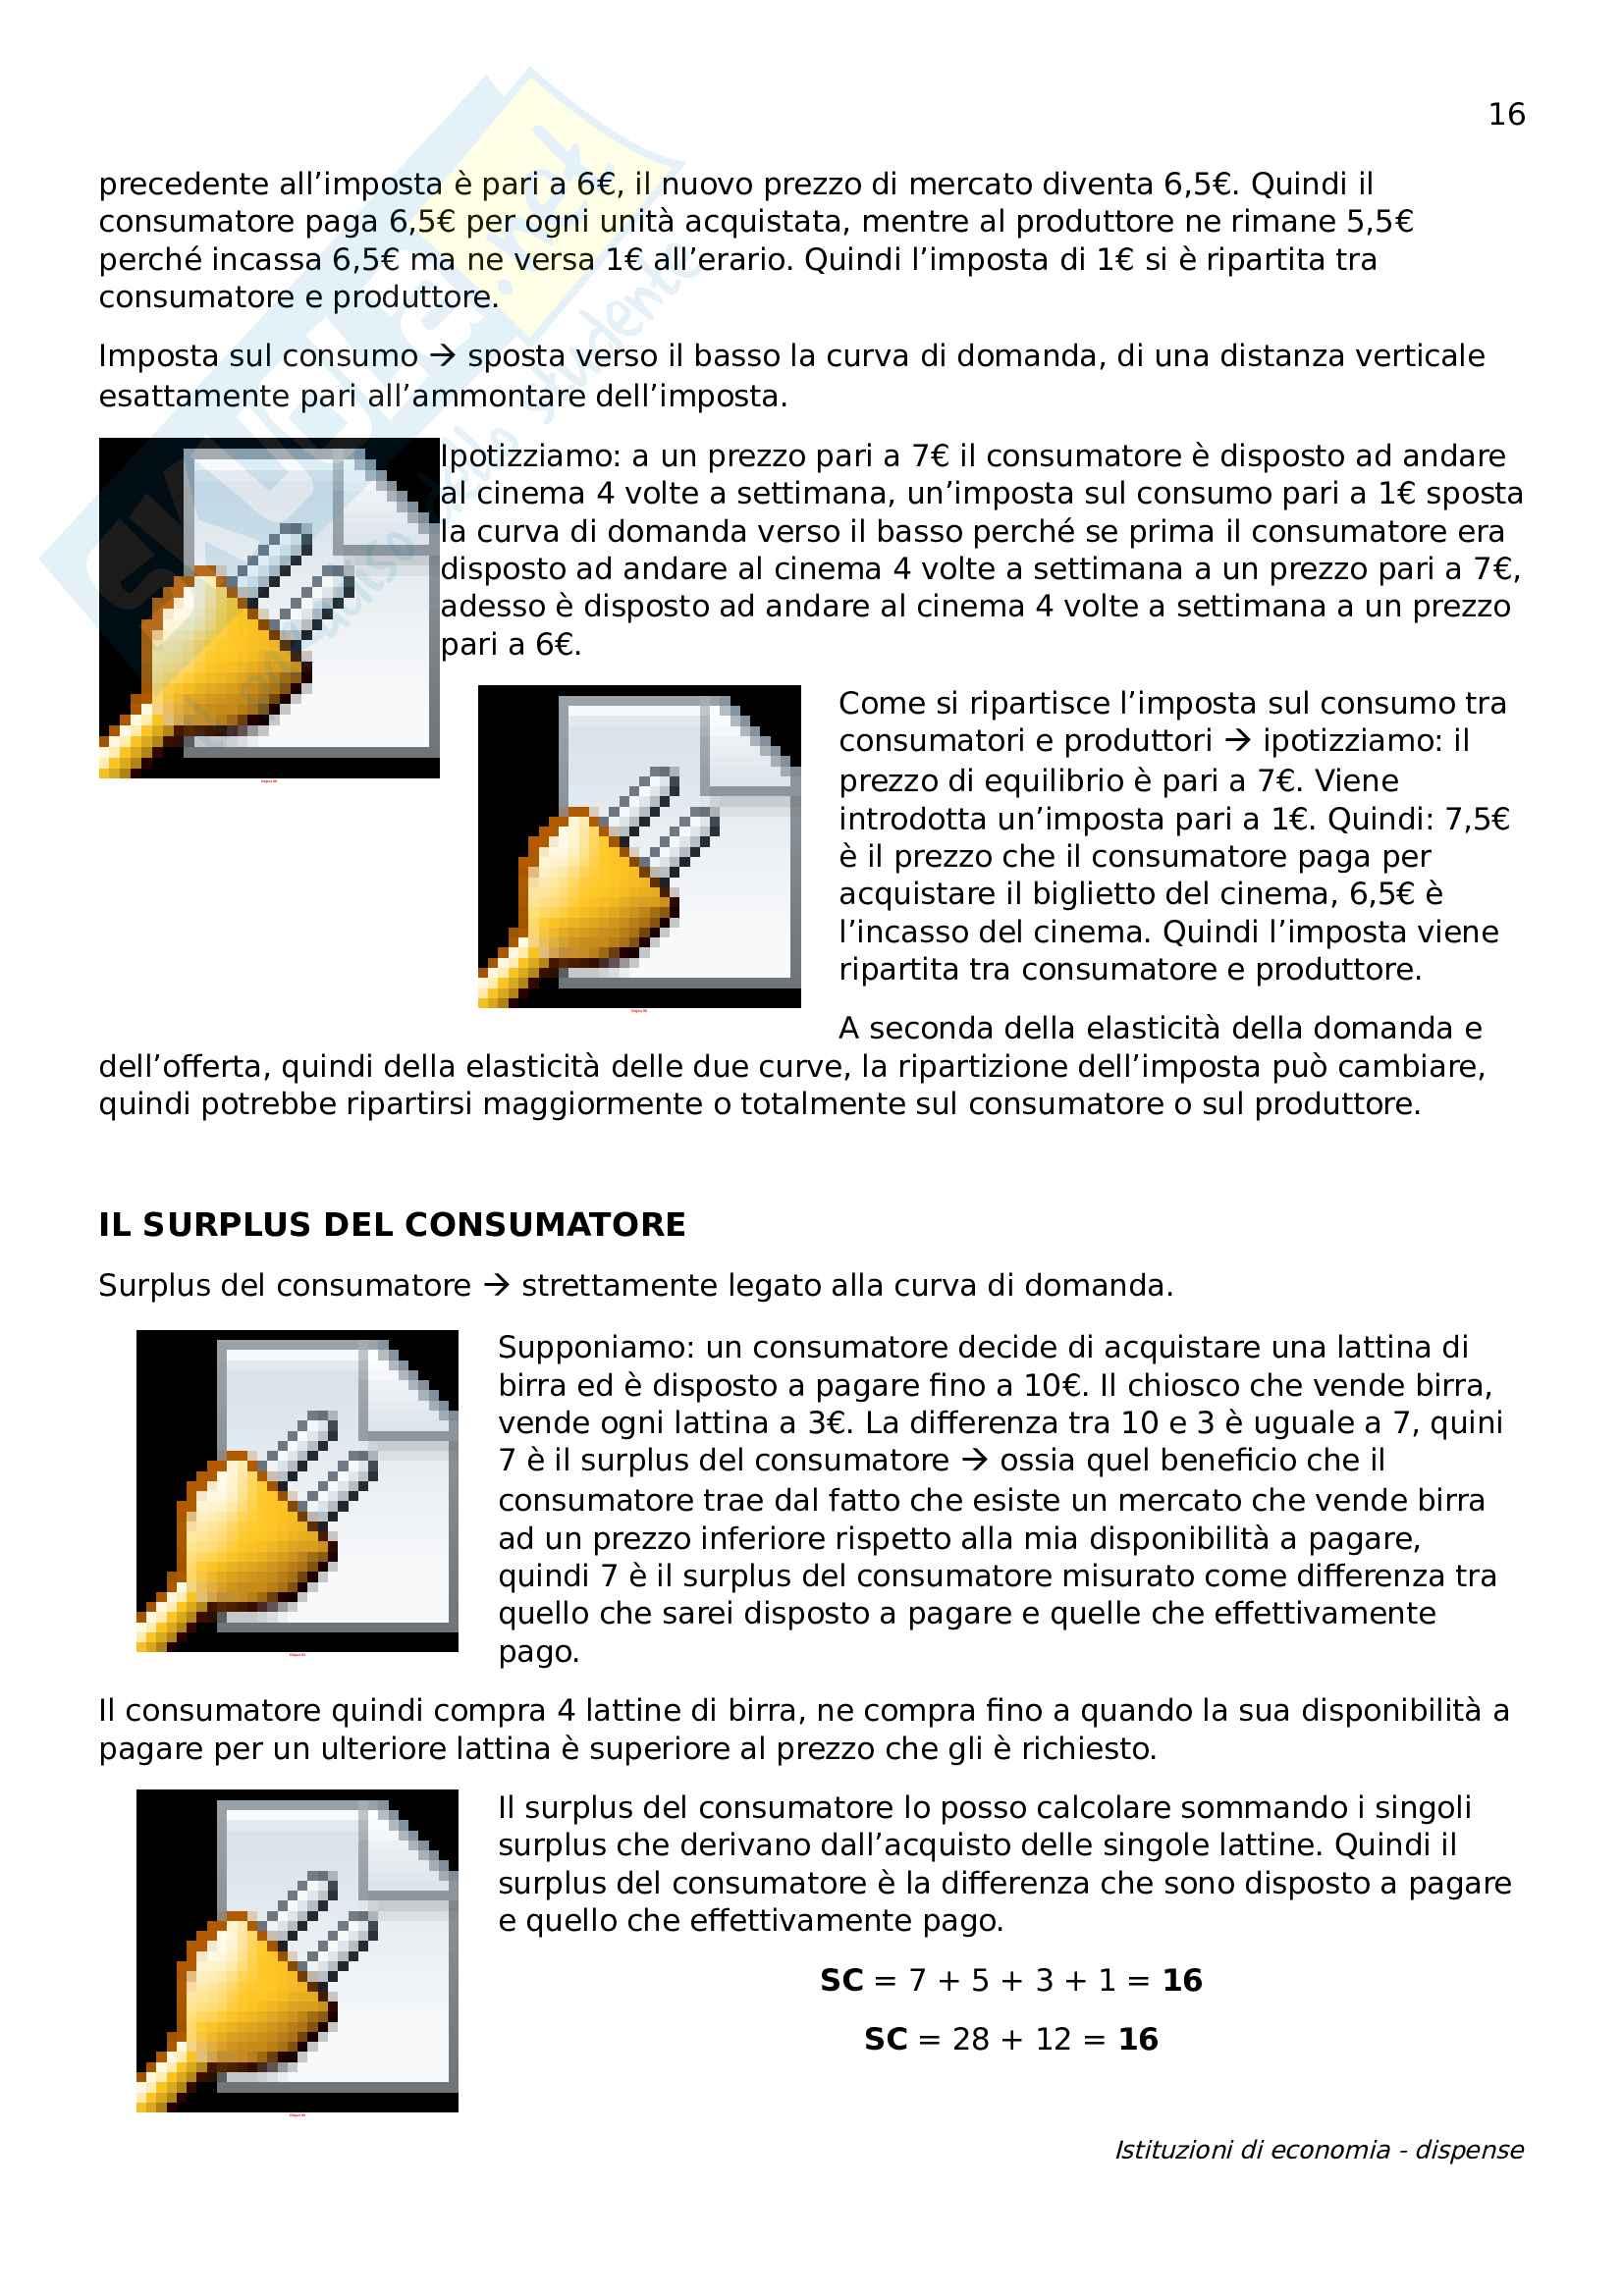 Istituzioni di economia Pag. 16